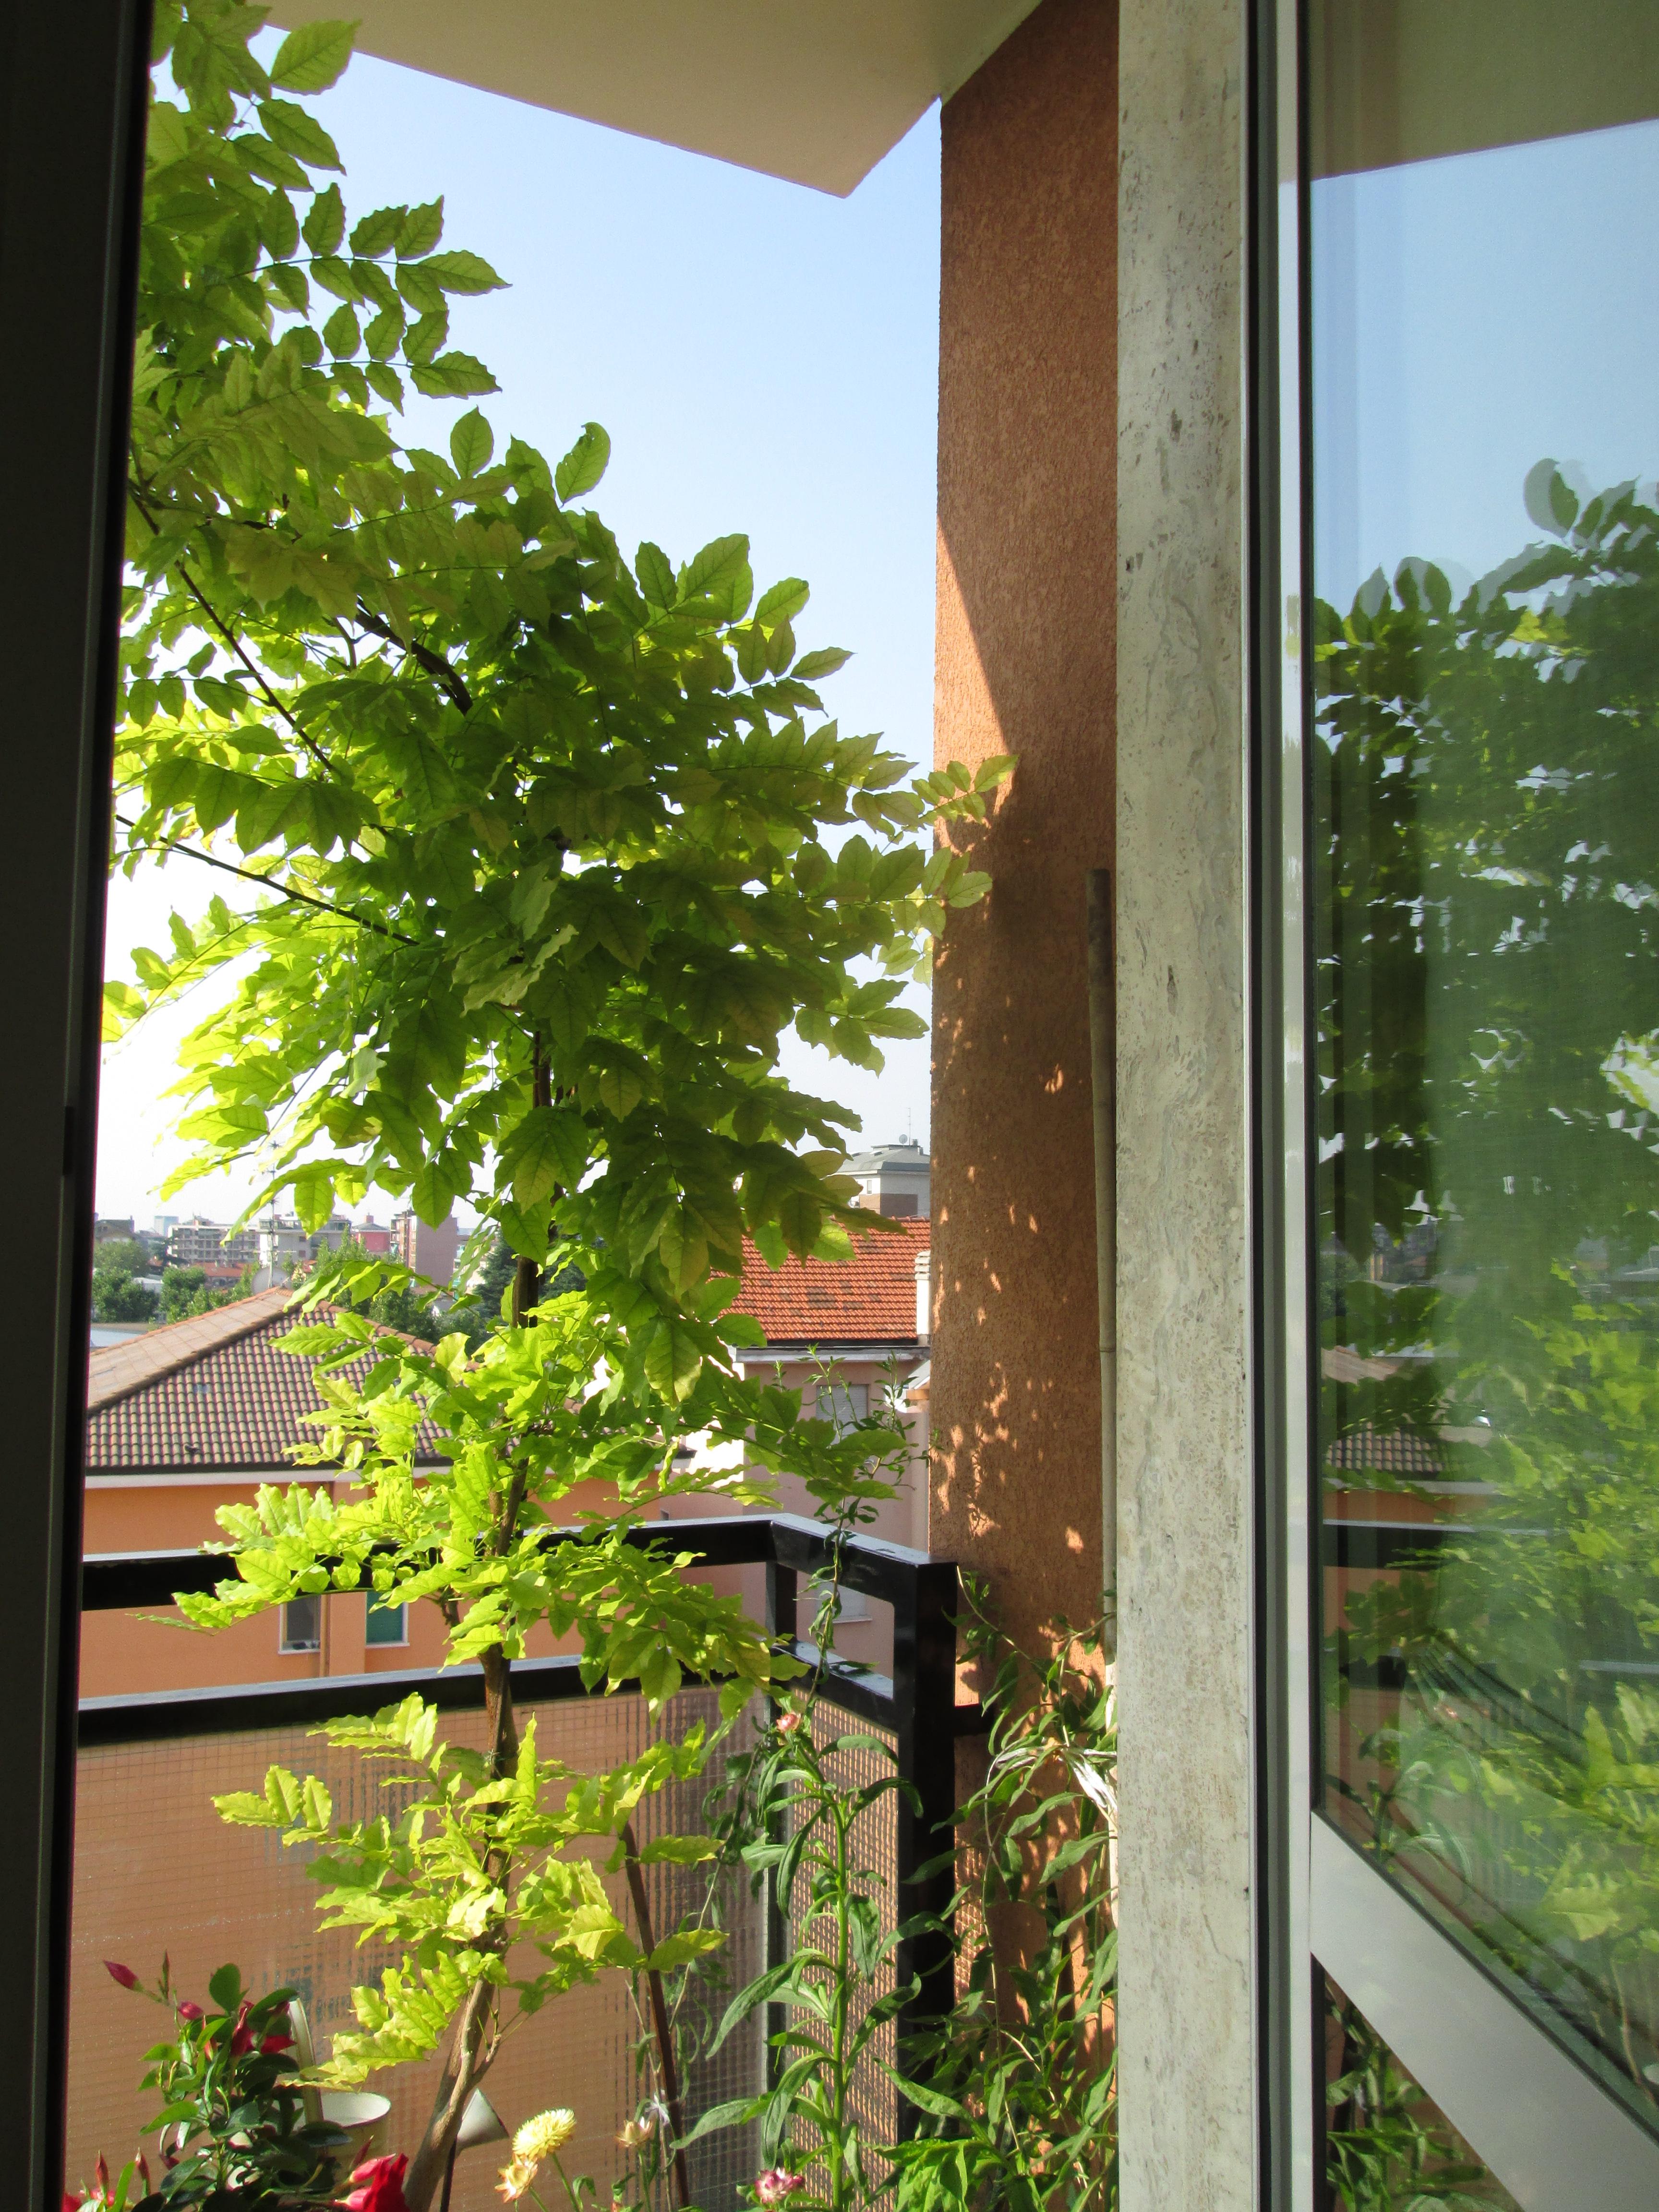 Piante bacche e fiori sul balcone sud estri in laboratorio for Finestra balcone